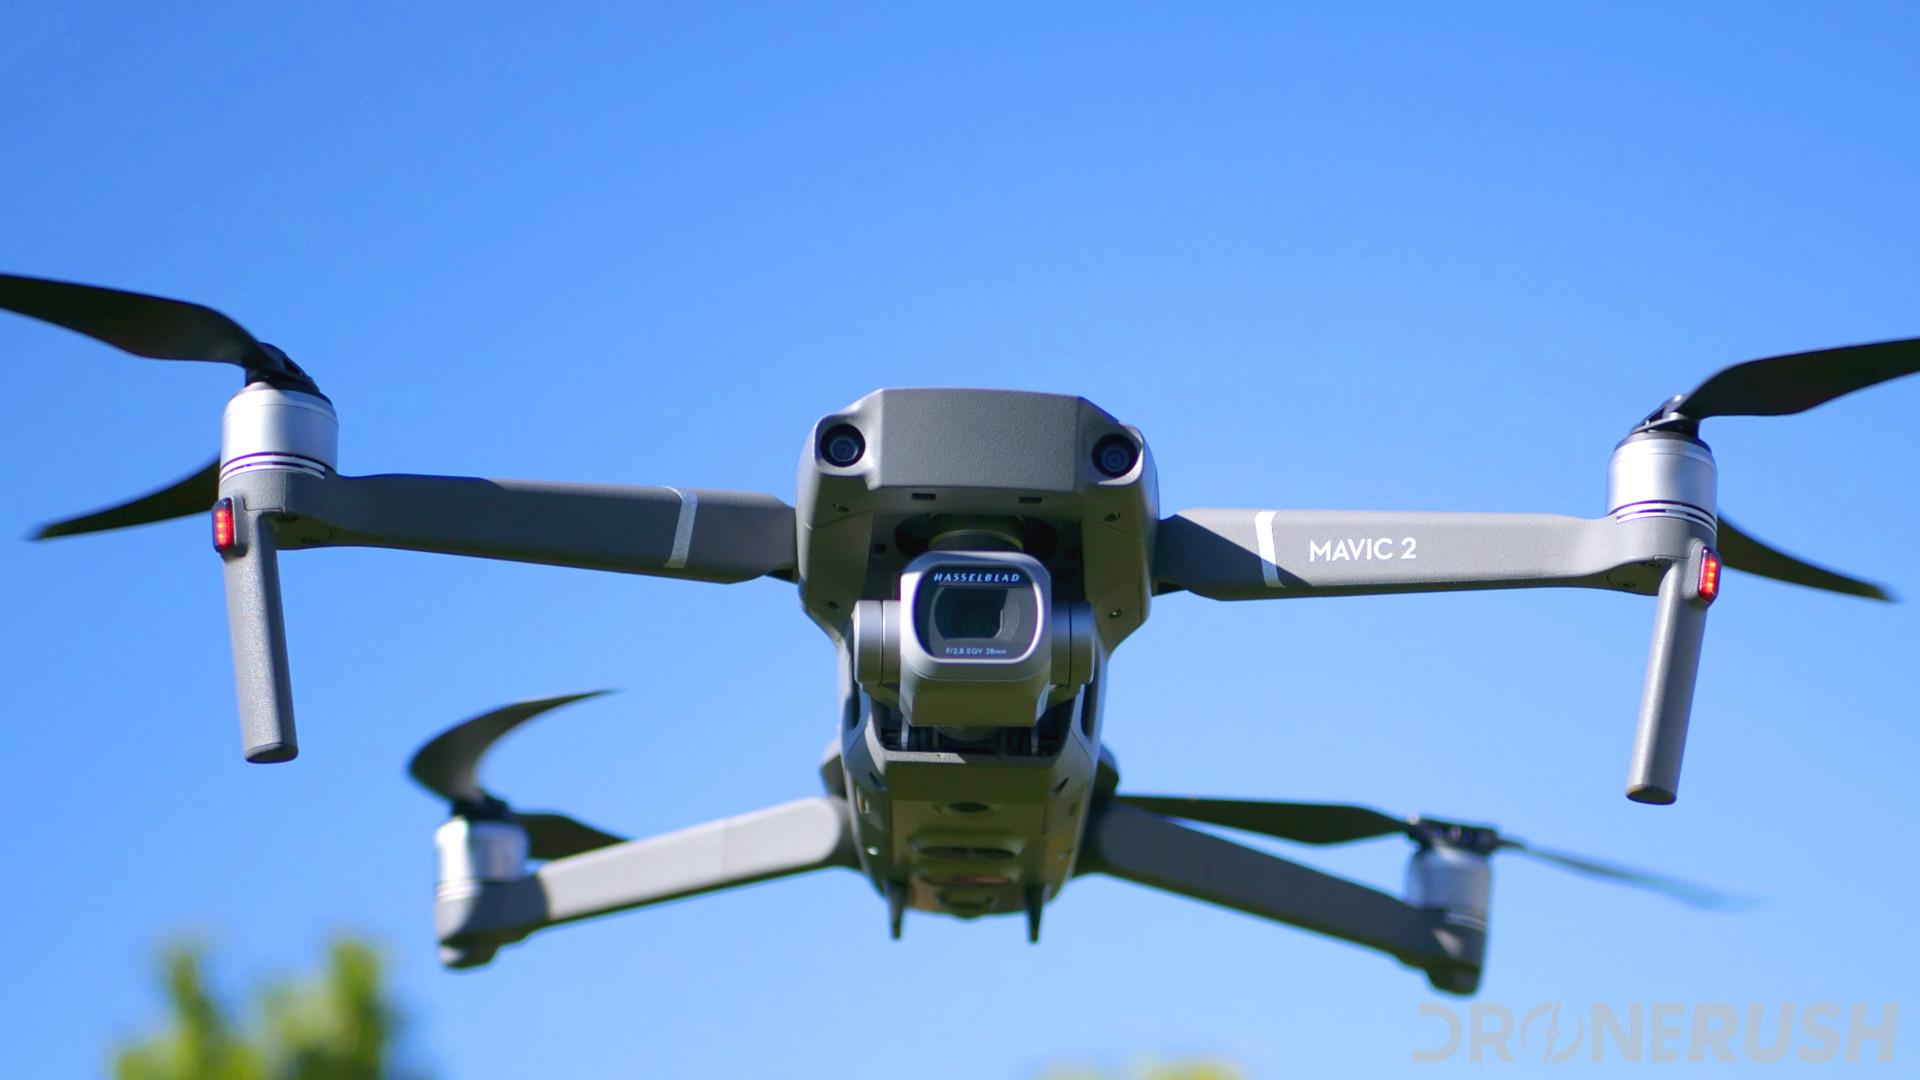 DJI Mavic 2 Pro Review | DroneTown - Latest Drone Reviews